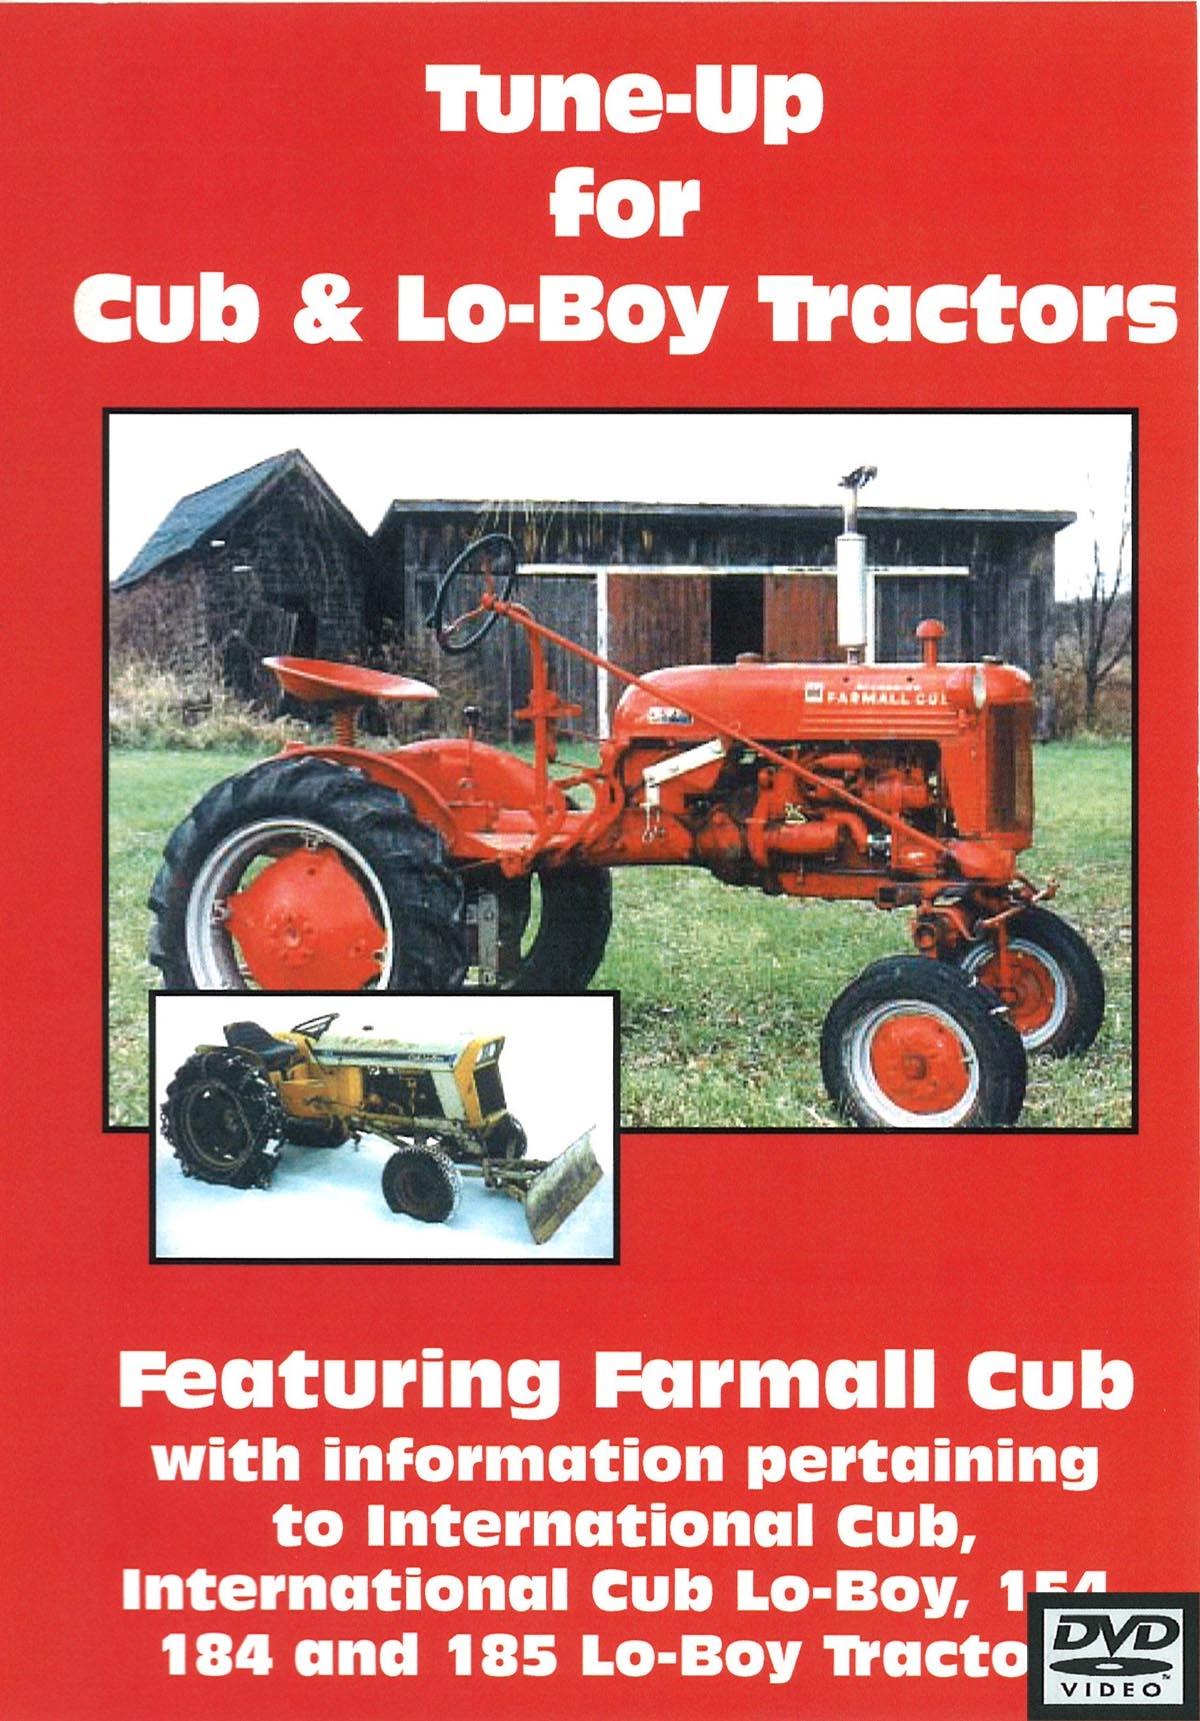 CUB & CUB LO-BOY TUNE UP VIDEO (DVD) - Farmall Cub